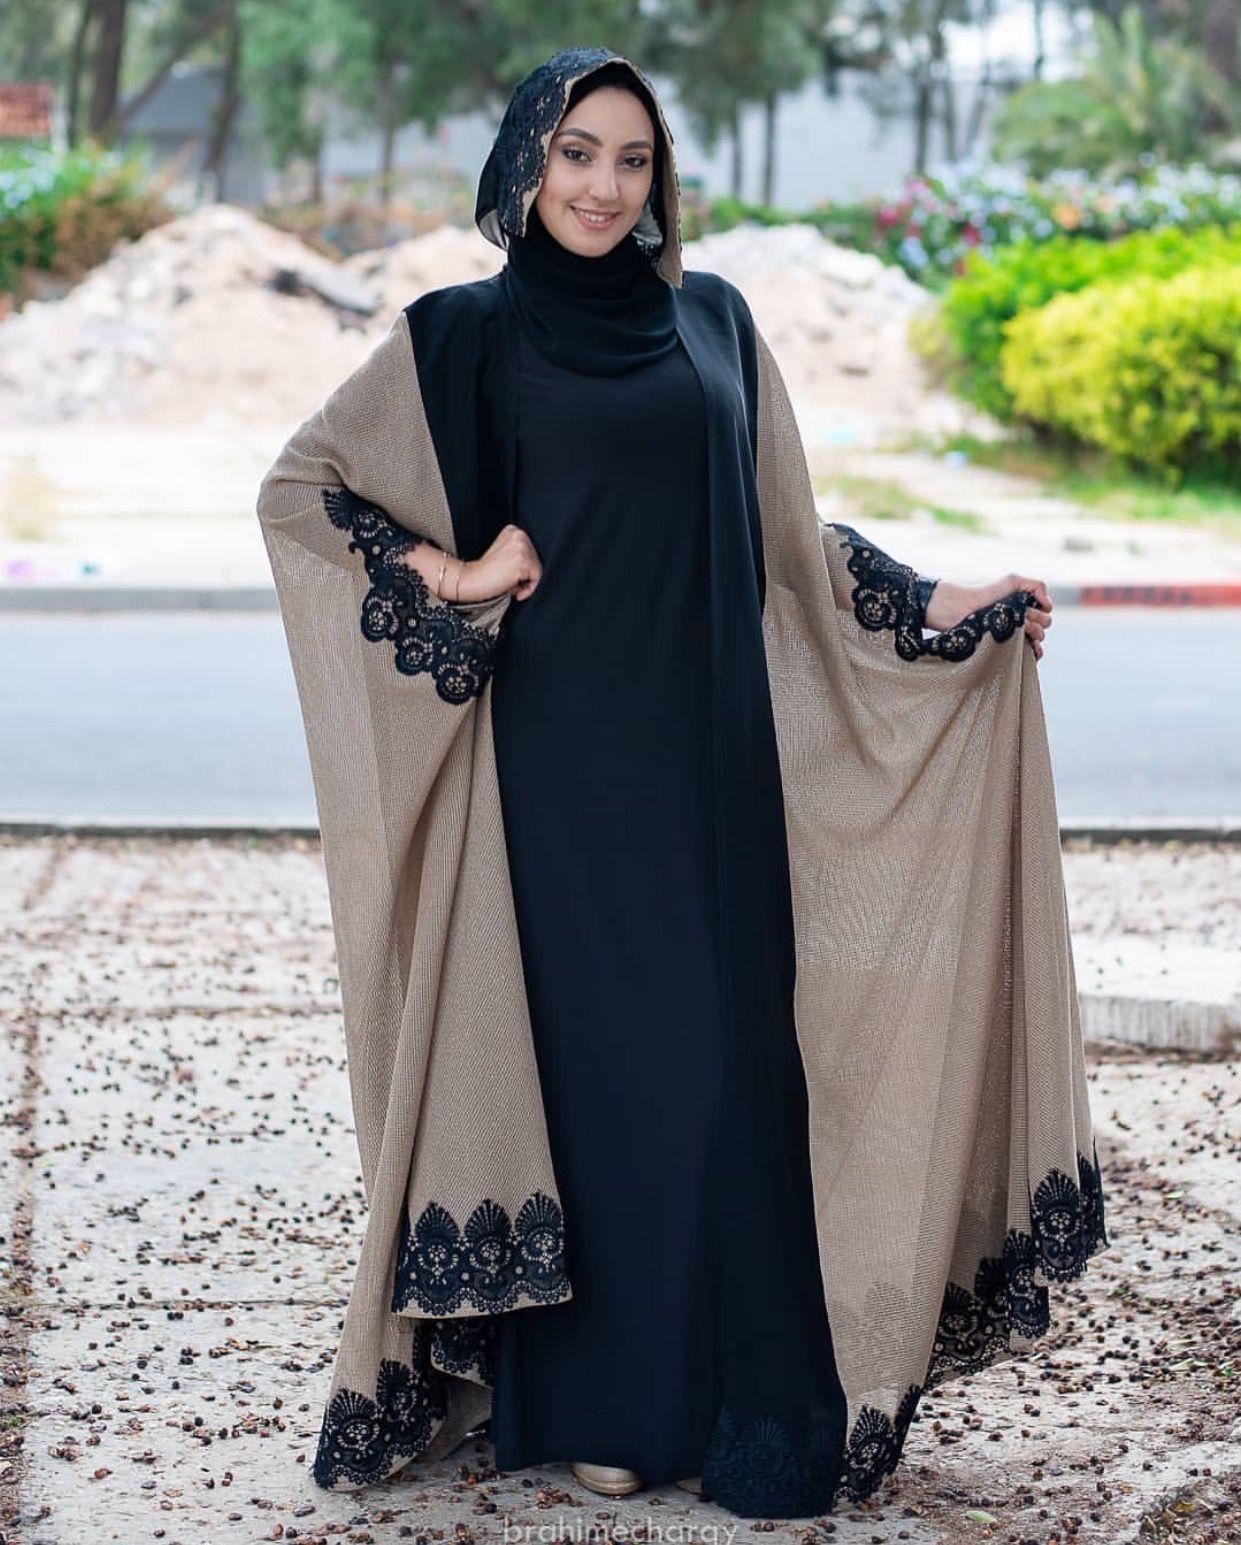 платье абайя фото заодно привить любовь